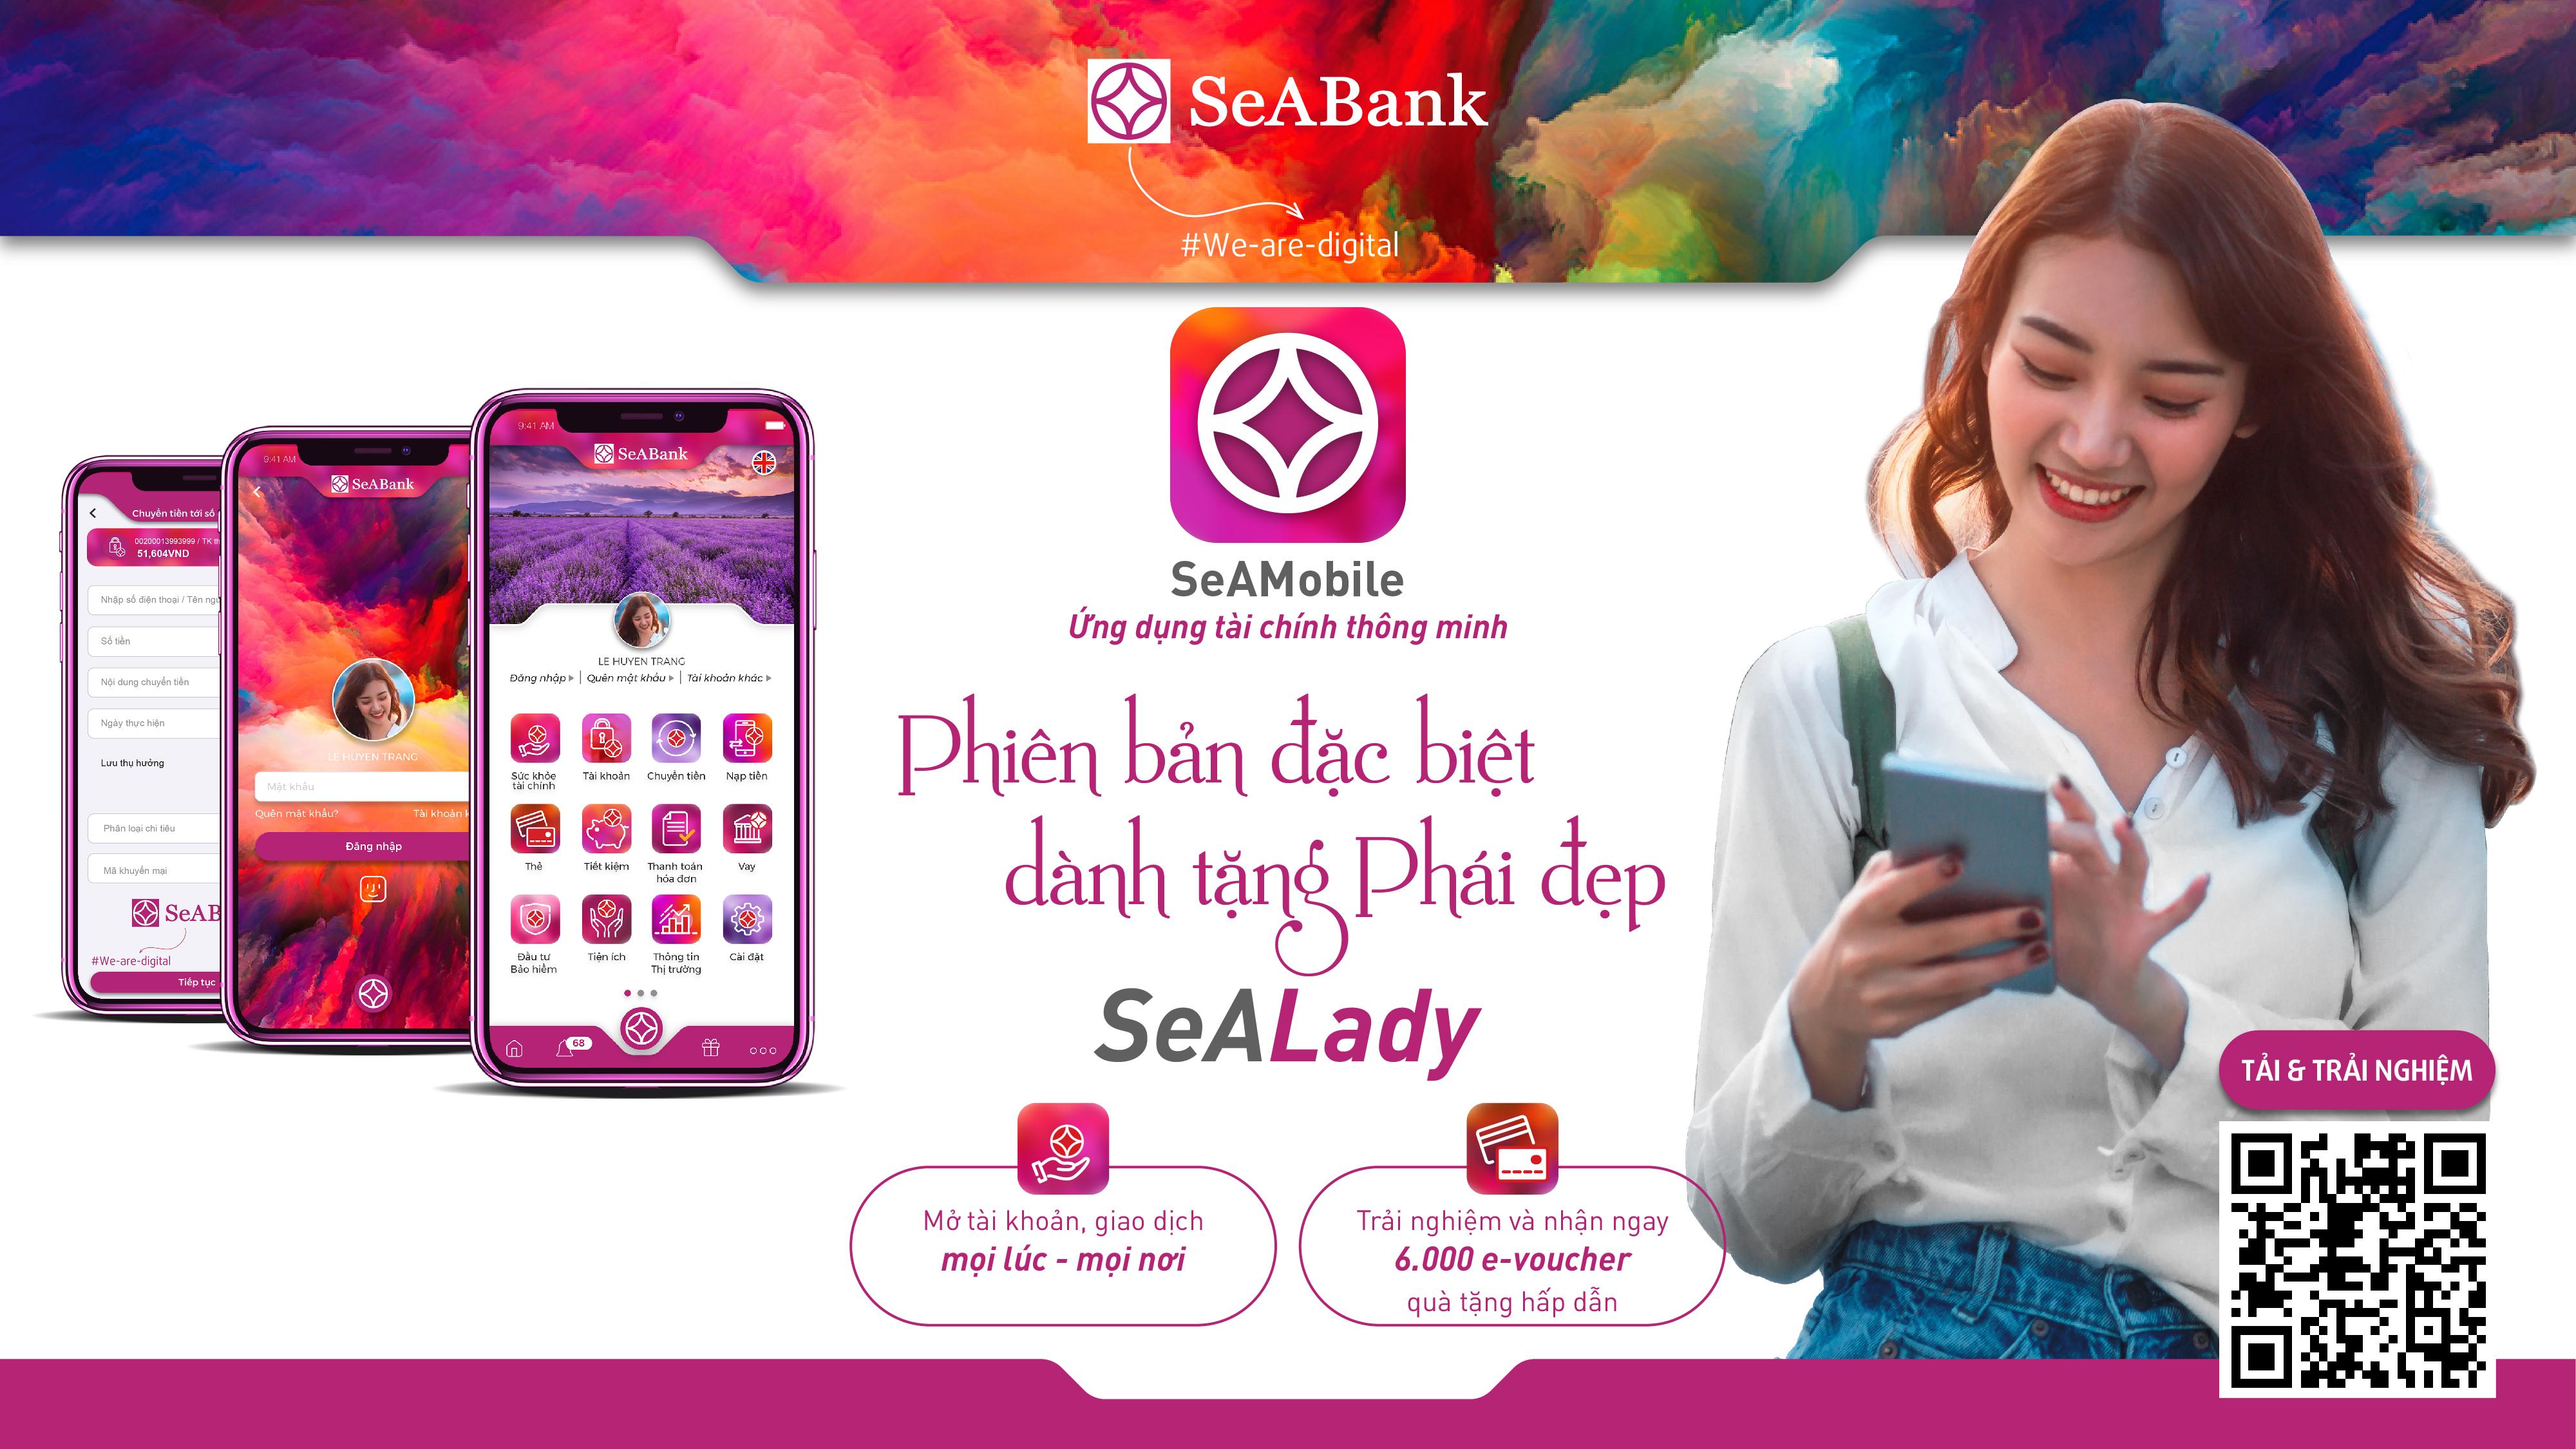 SeABank ra mắt ứng dụng ngân hàng số SeAMobile phiên bản đặc biệt dành riêng cho phái đẹp - SeALady